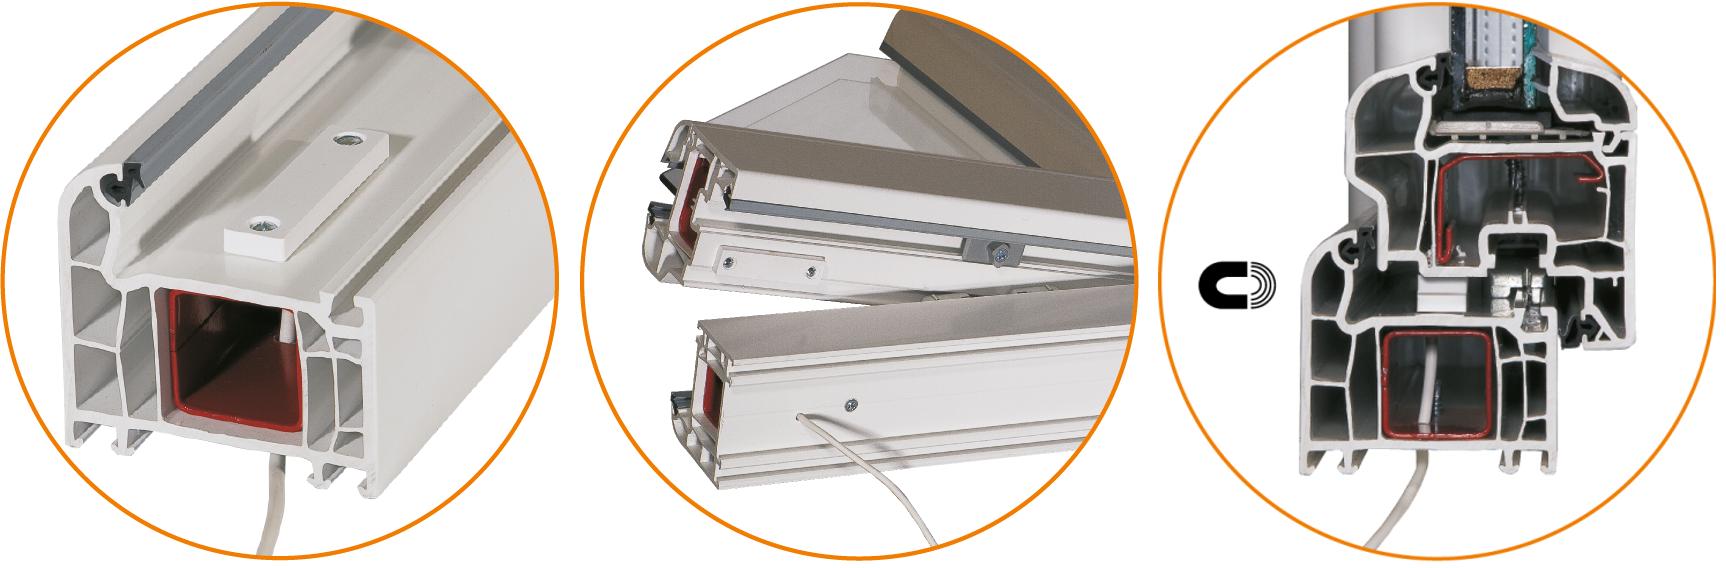 Przykładowy montaż kontaktronu magnetycznego MC 740P.